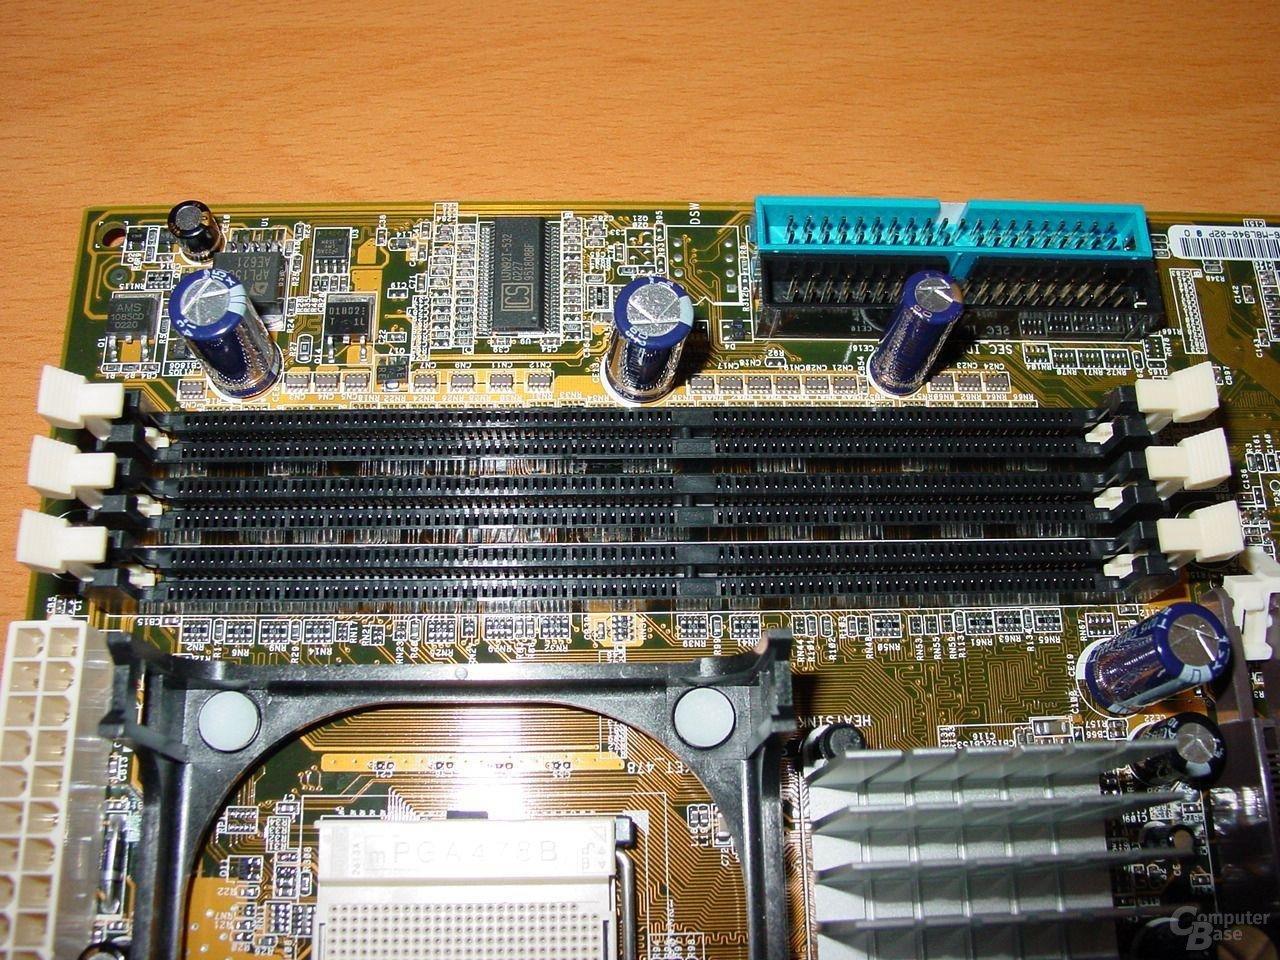 P4S8X - RAM - IDE